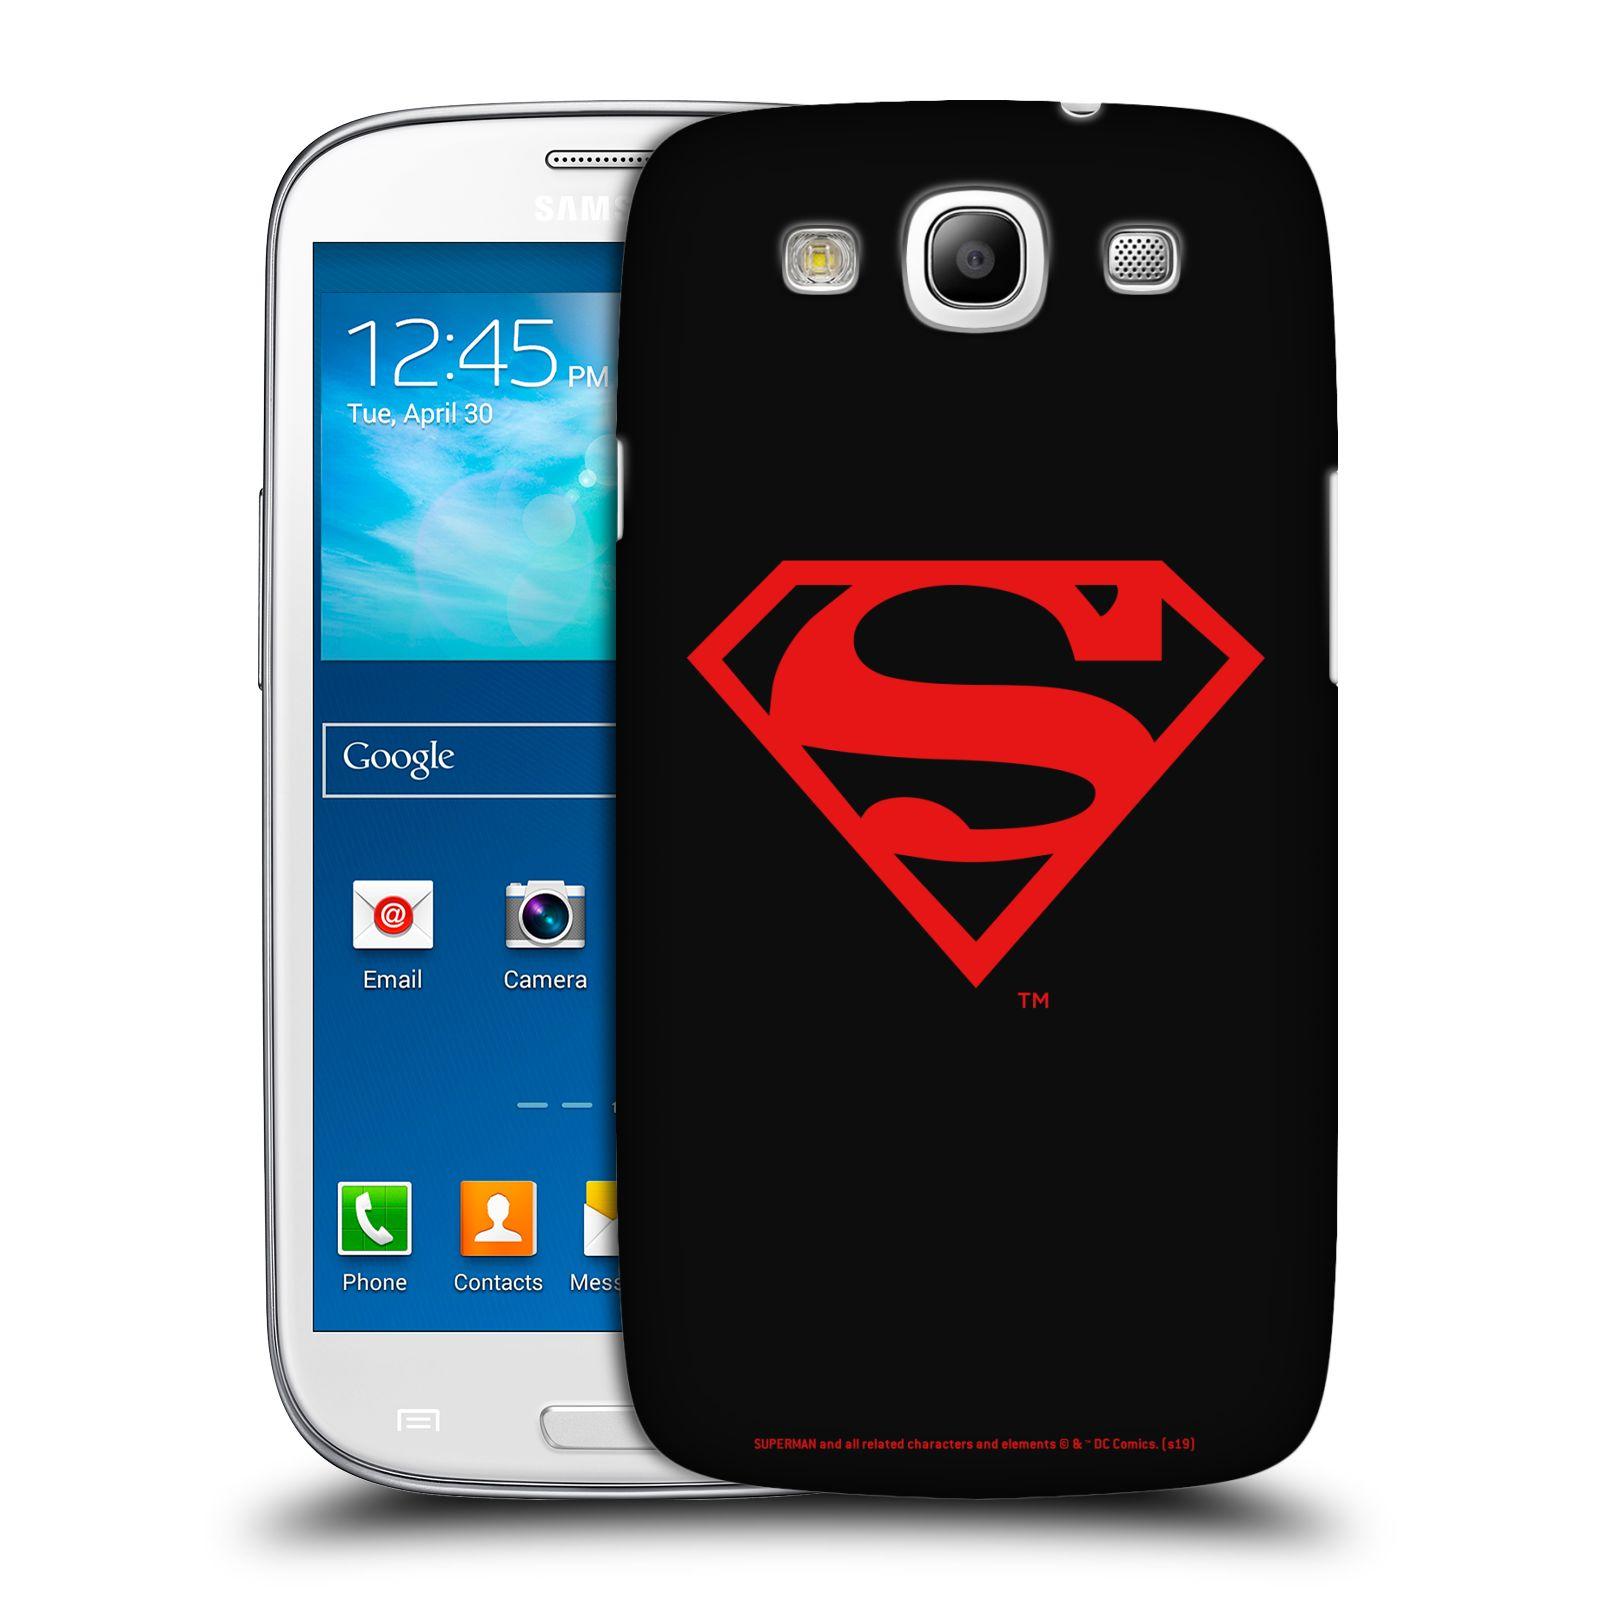 Pouzdro na mobil Samsung Galaxy S3 - HEAD CASE - DC komix Superman červený znak černé pozadí